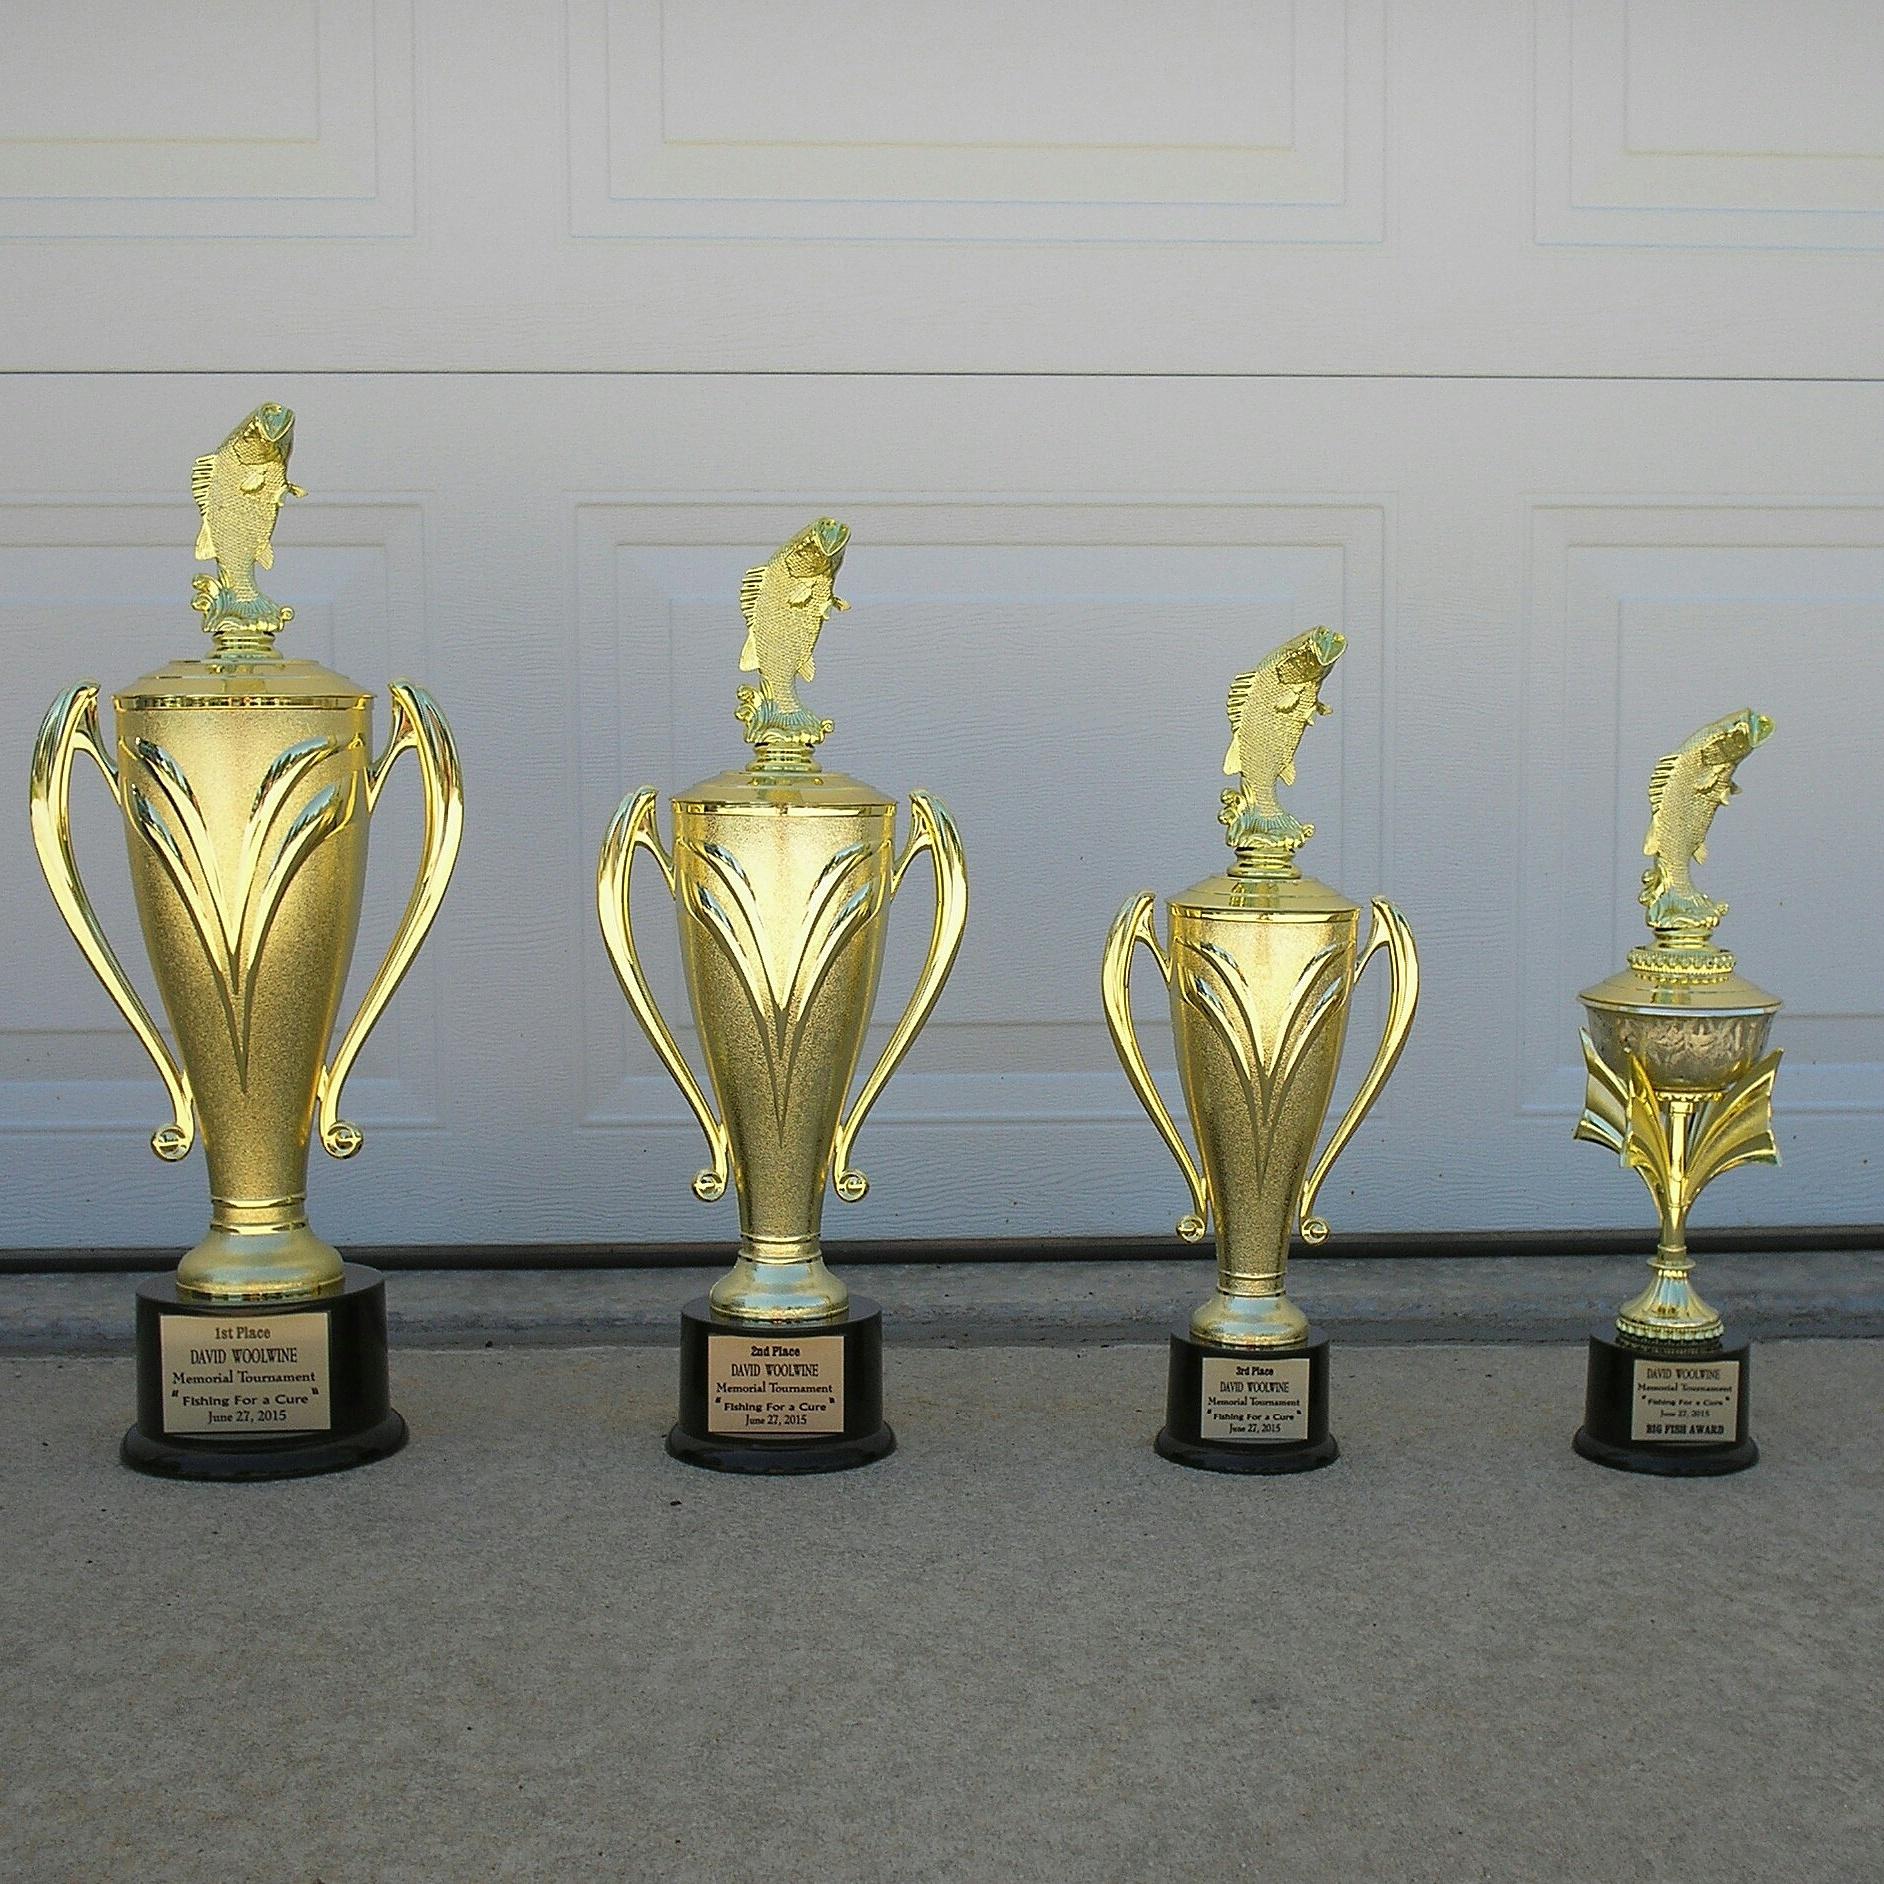 Tilton Trophy & Awards image 2